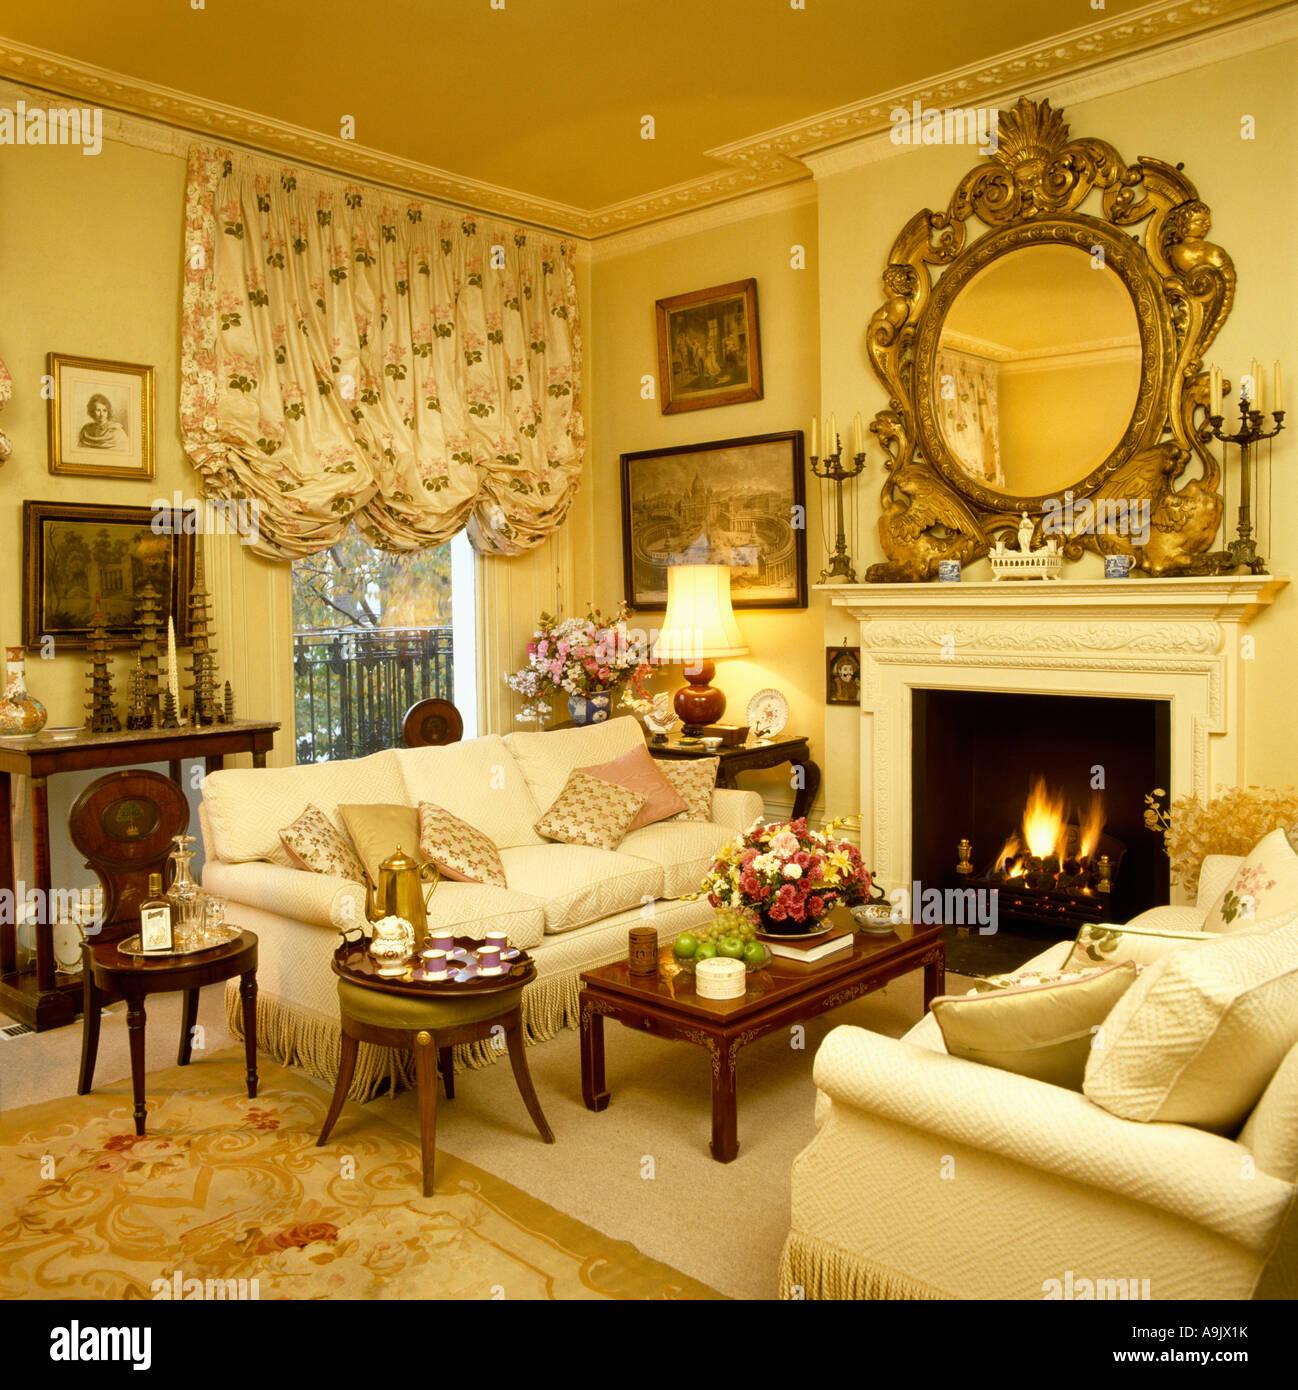 Grosse Reich Verzierte Vergoldete Spiegel Ber Kamin Mit Brennenden Feuer Im Gelben Wohnzimmer Schwalbenschwanz Blind Und Cremefarbenen Sofas